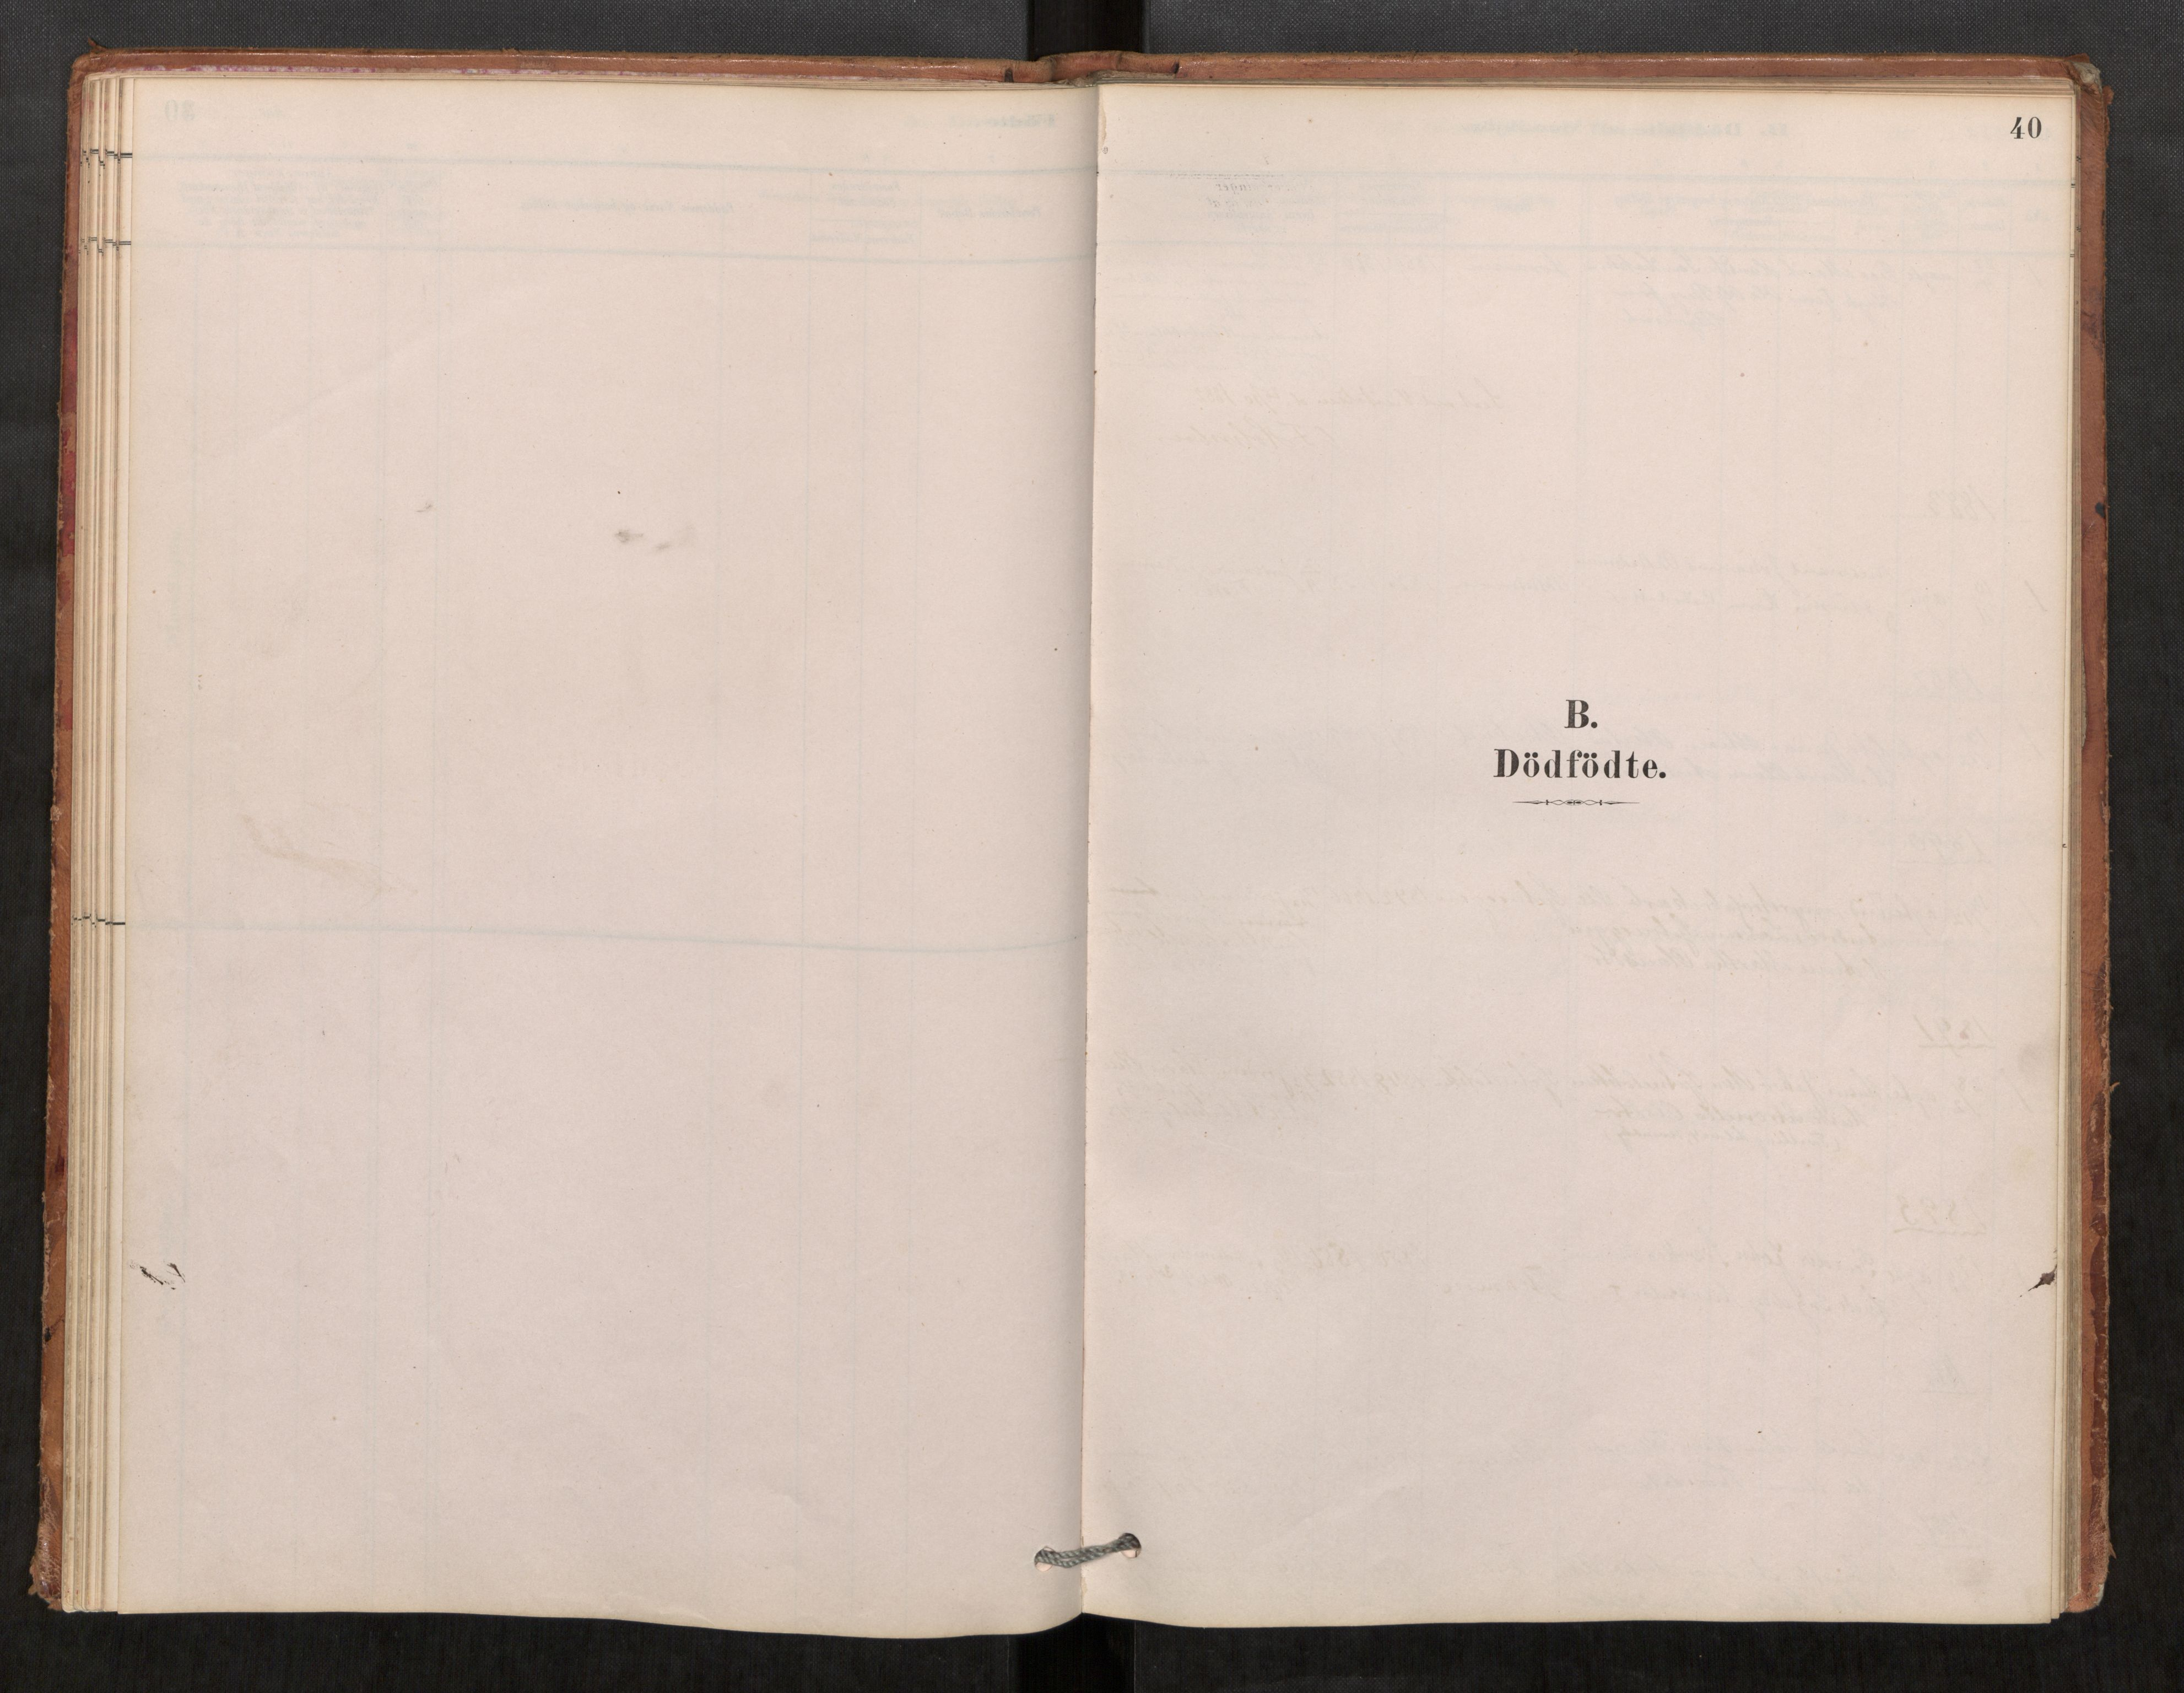 SAT, Klæbu sokneprestkontor, Parish register (official) no. 1, 1880-1900, p. 40